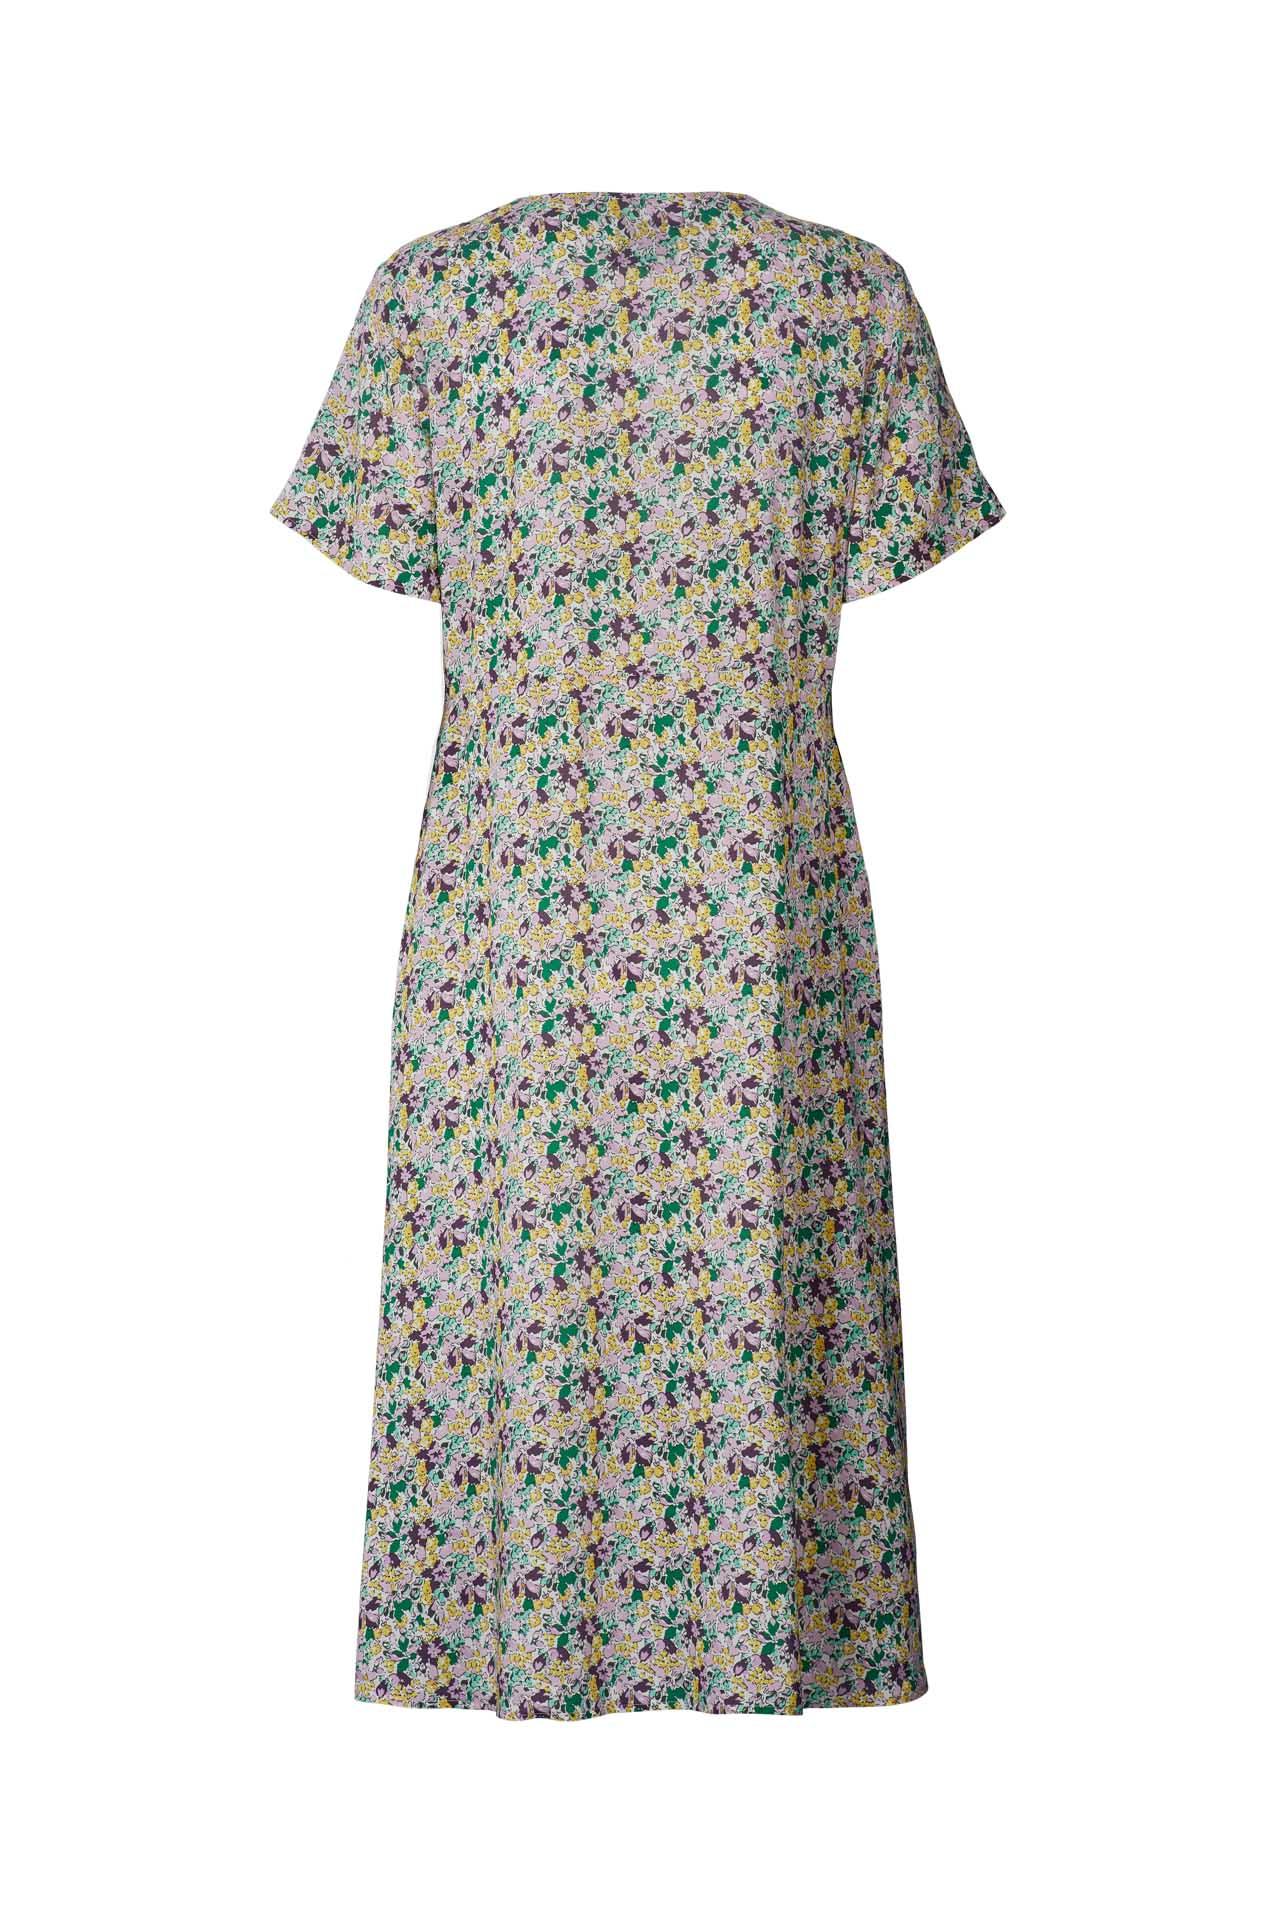 Lollys Laundry Anja kjole, multi, large